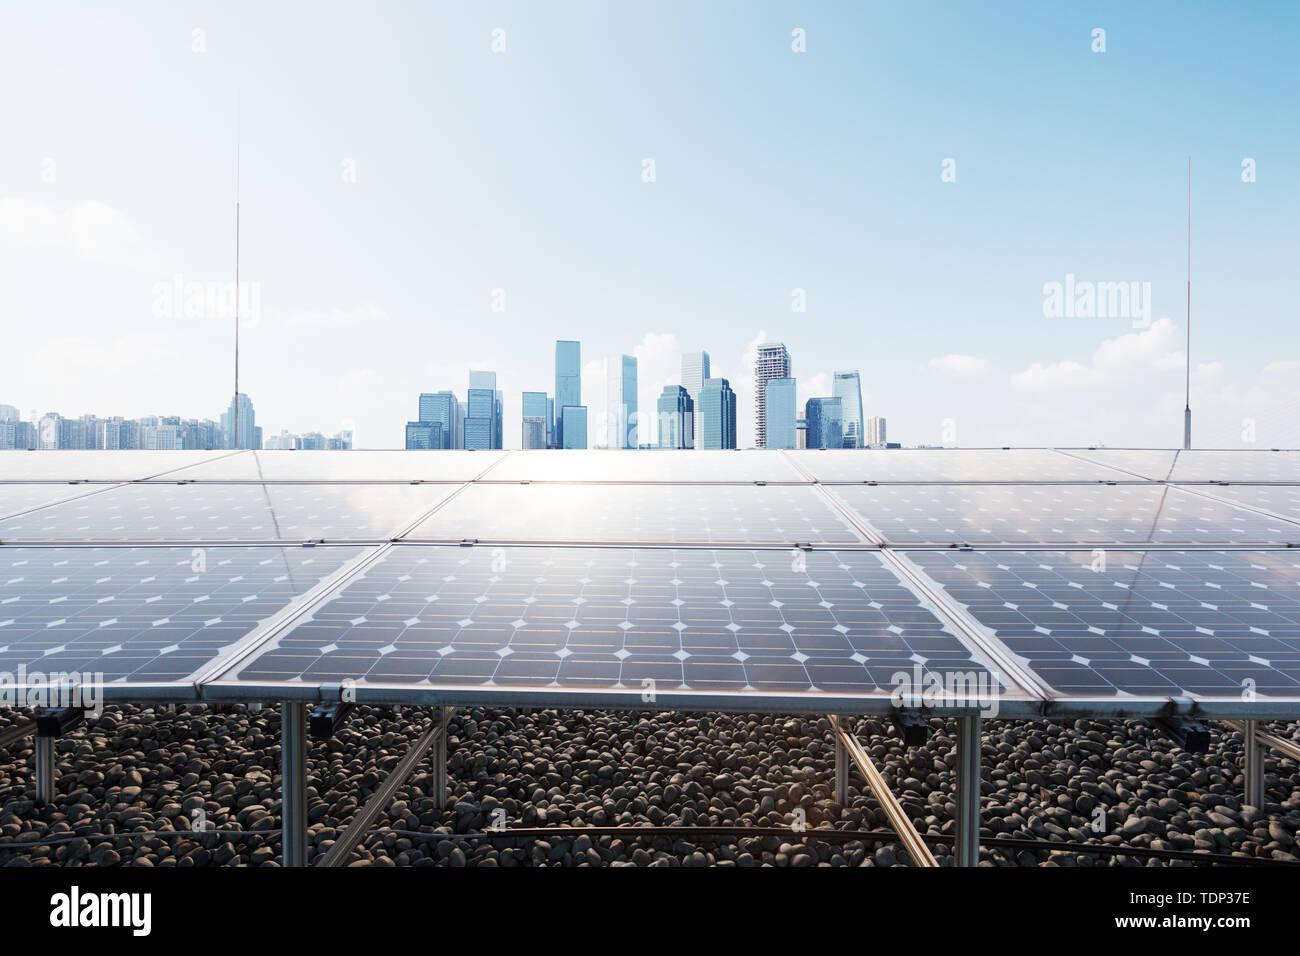 Los paneles solares con el paisaje urbano de la ciudad moderna Imagen De Stock